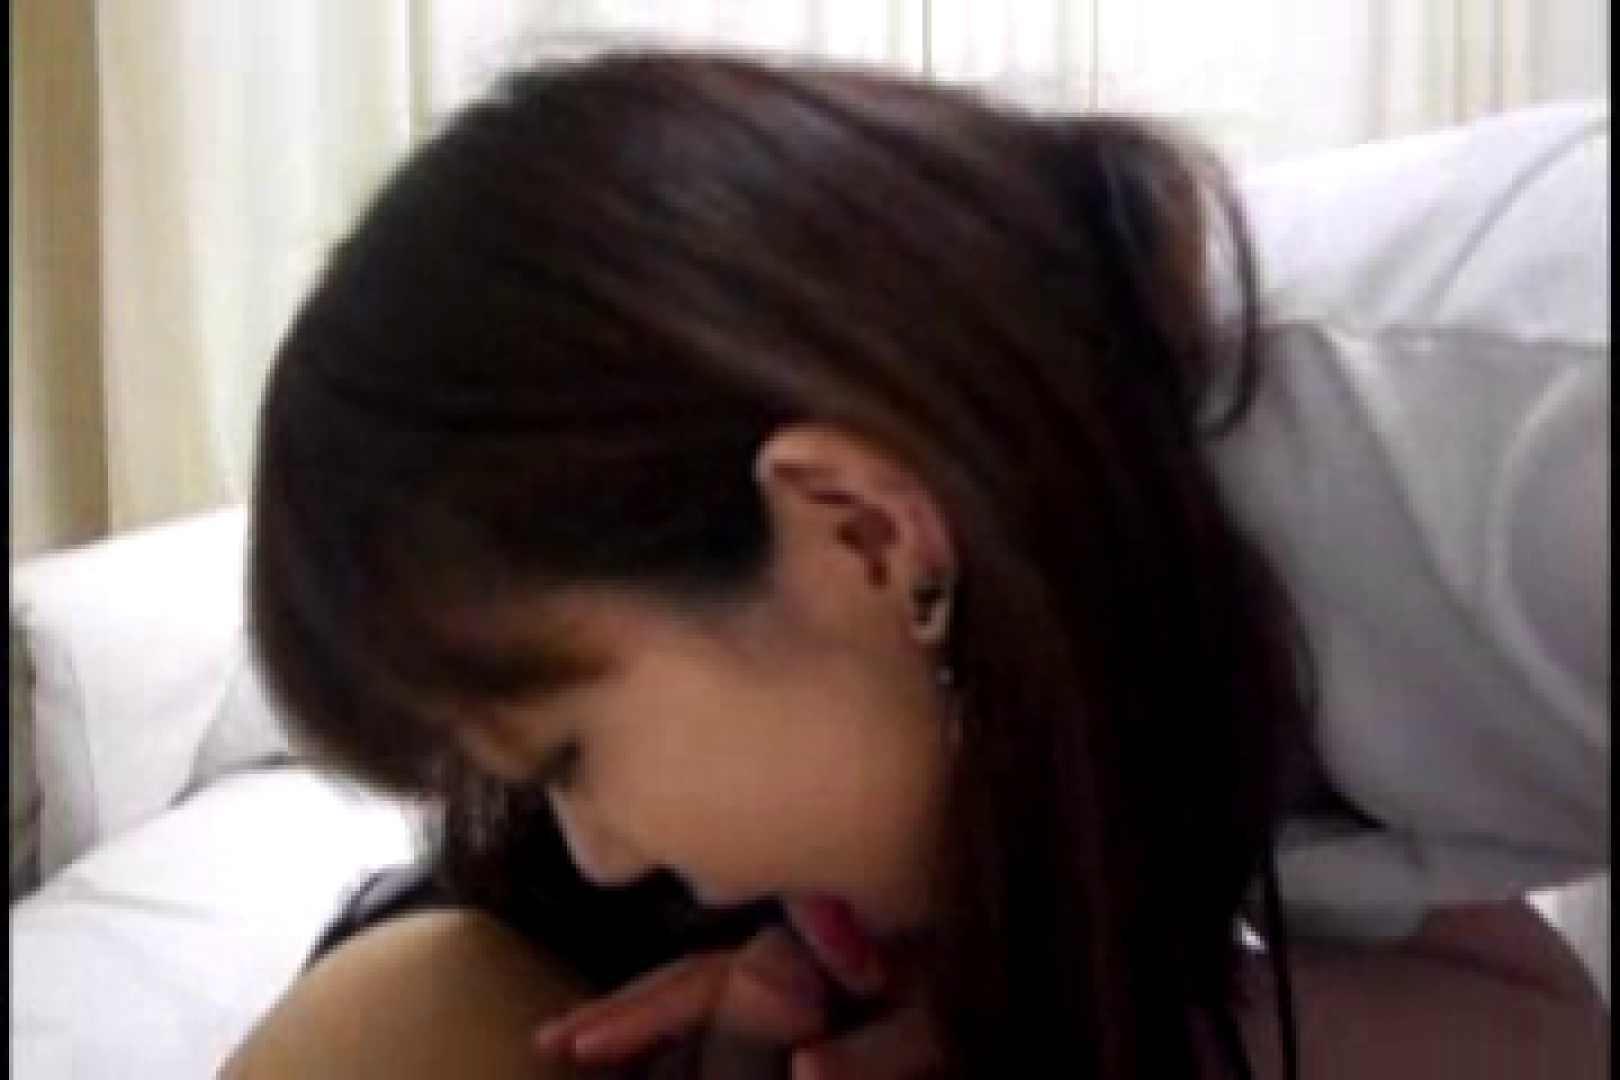 ヤリマンと呼ばれた看護士さんvol1 シックスナイン  21連発 13